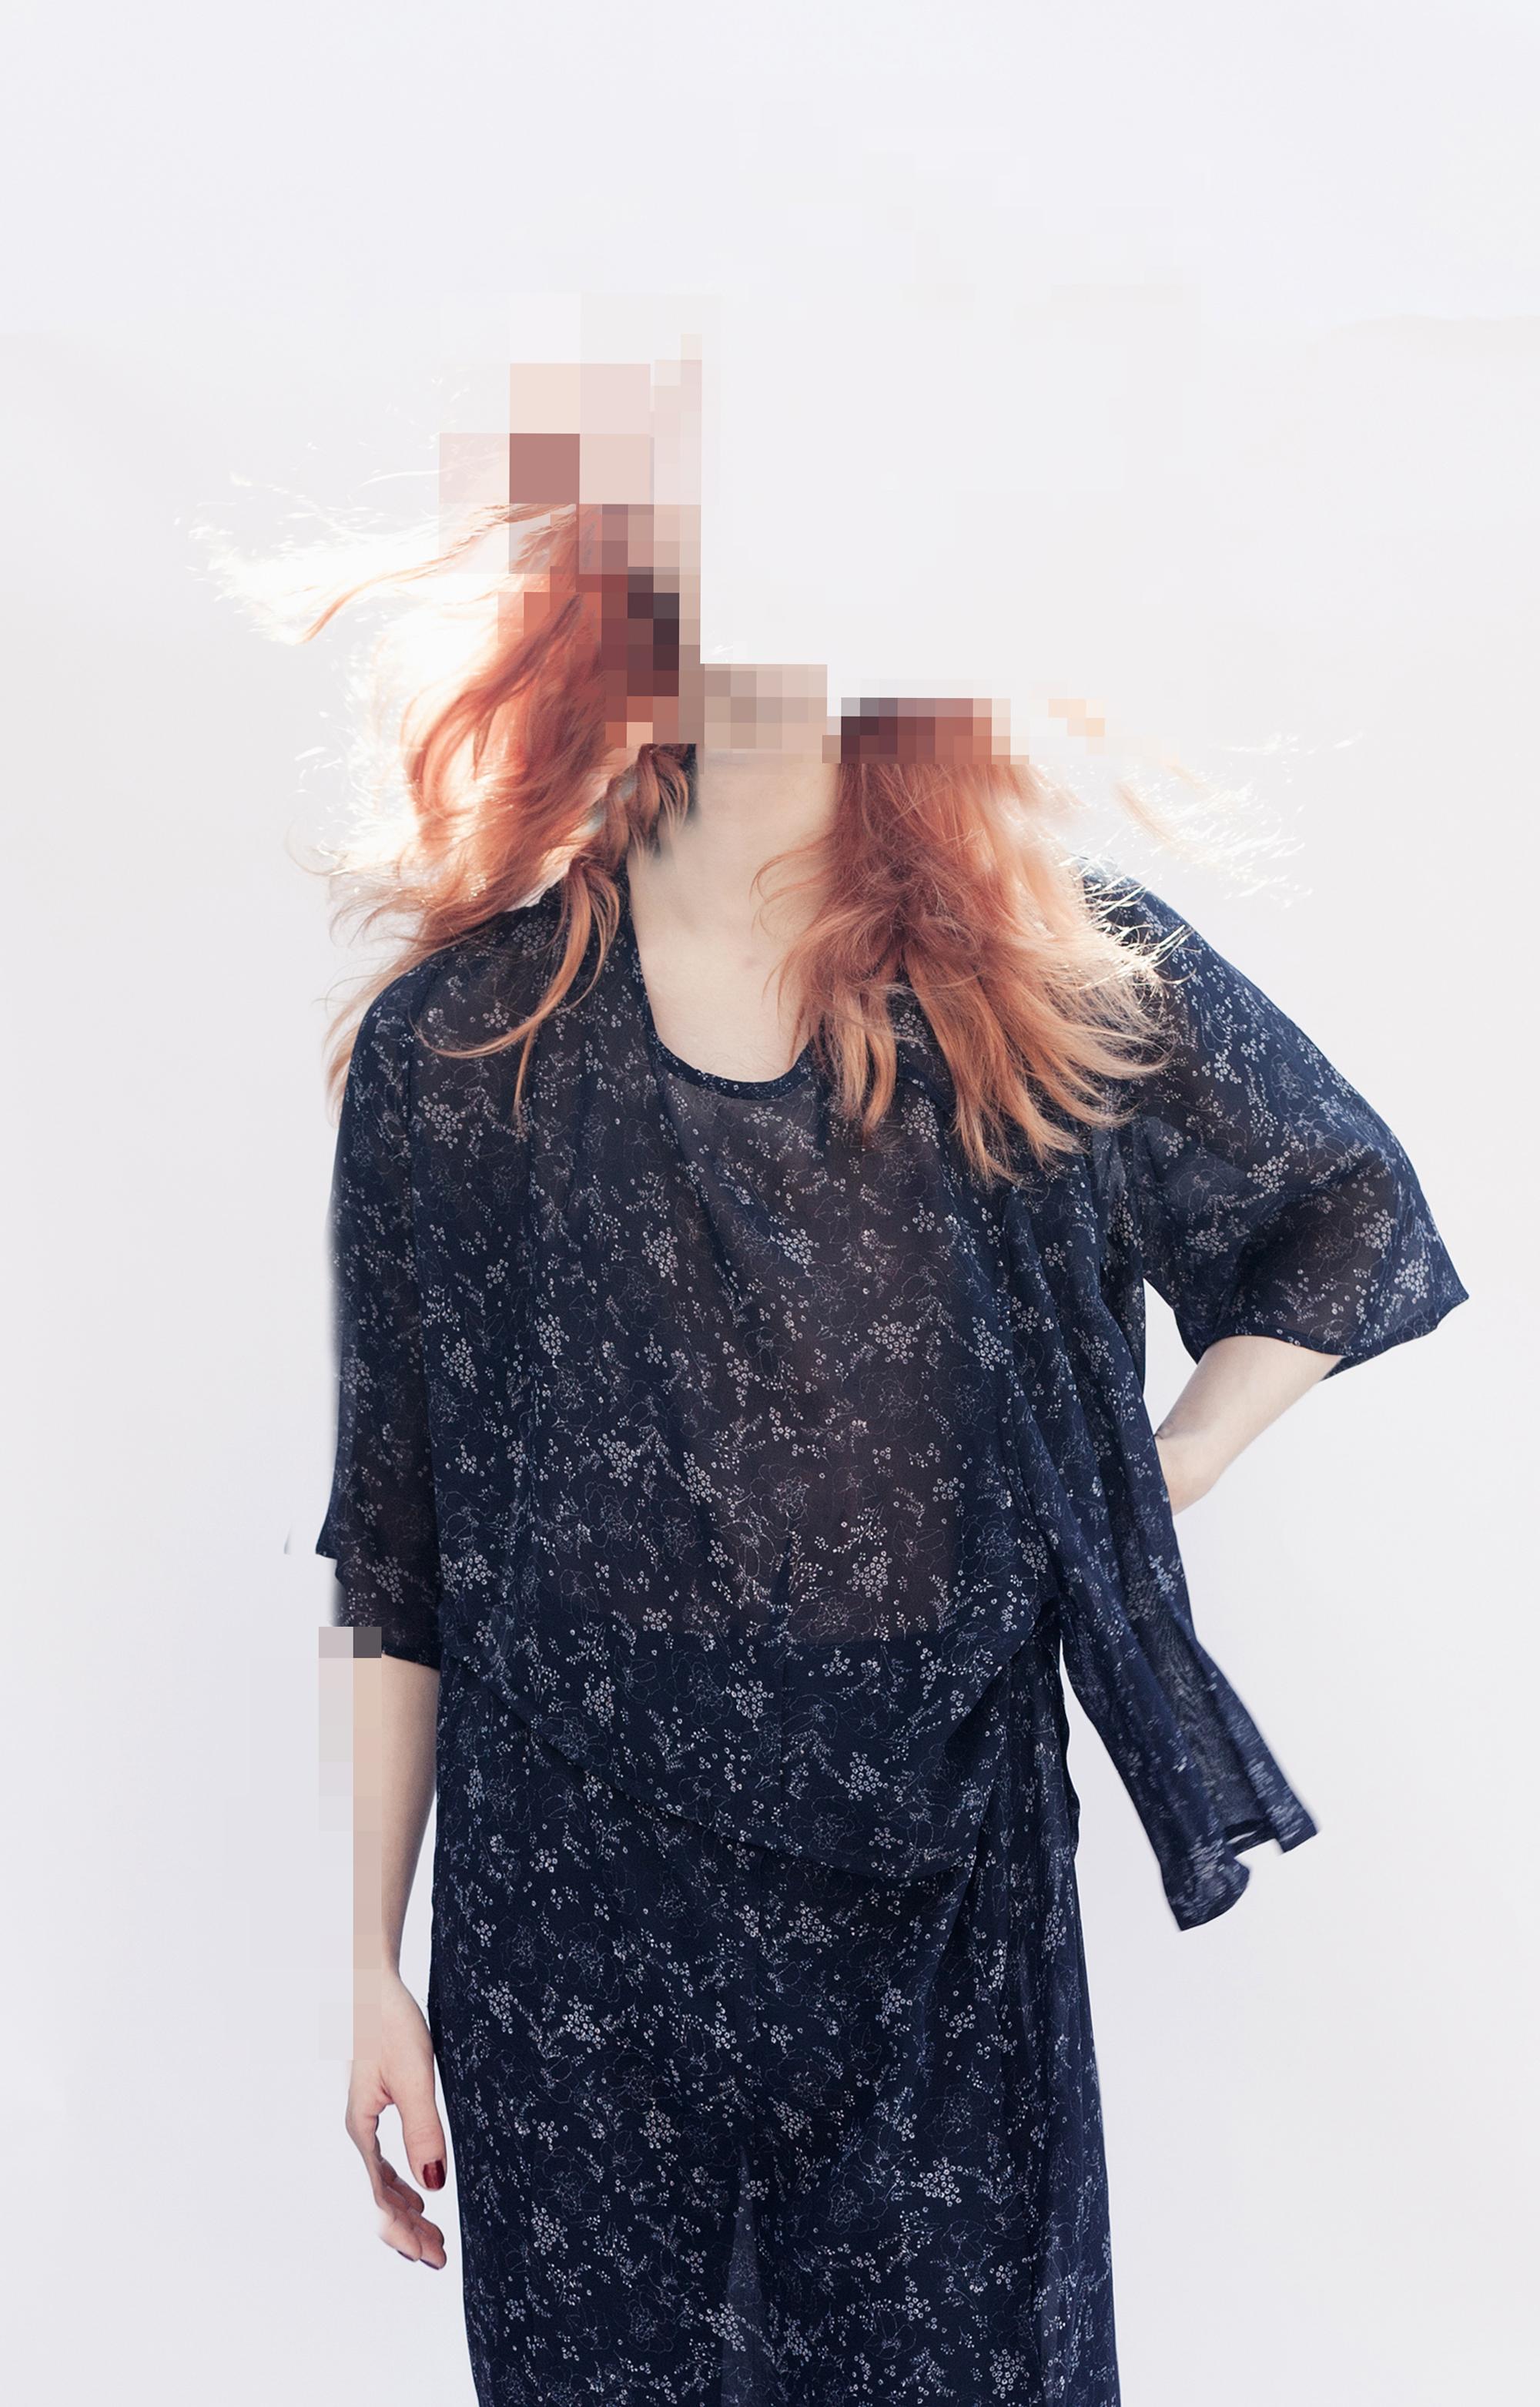 DRESS ltd Navy Remnant Print  Inside-out Oversize Collapsing Dress/Set